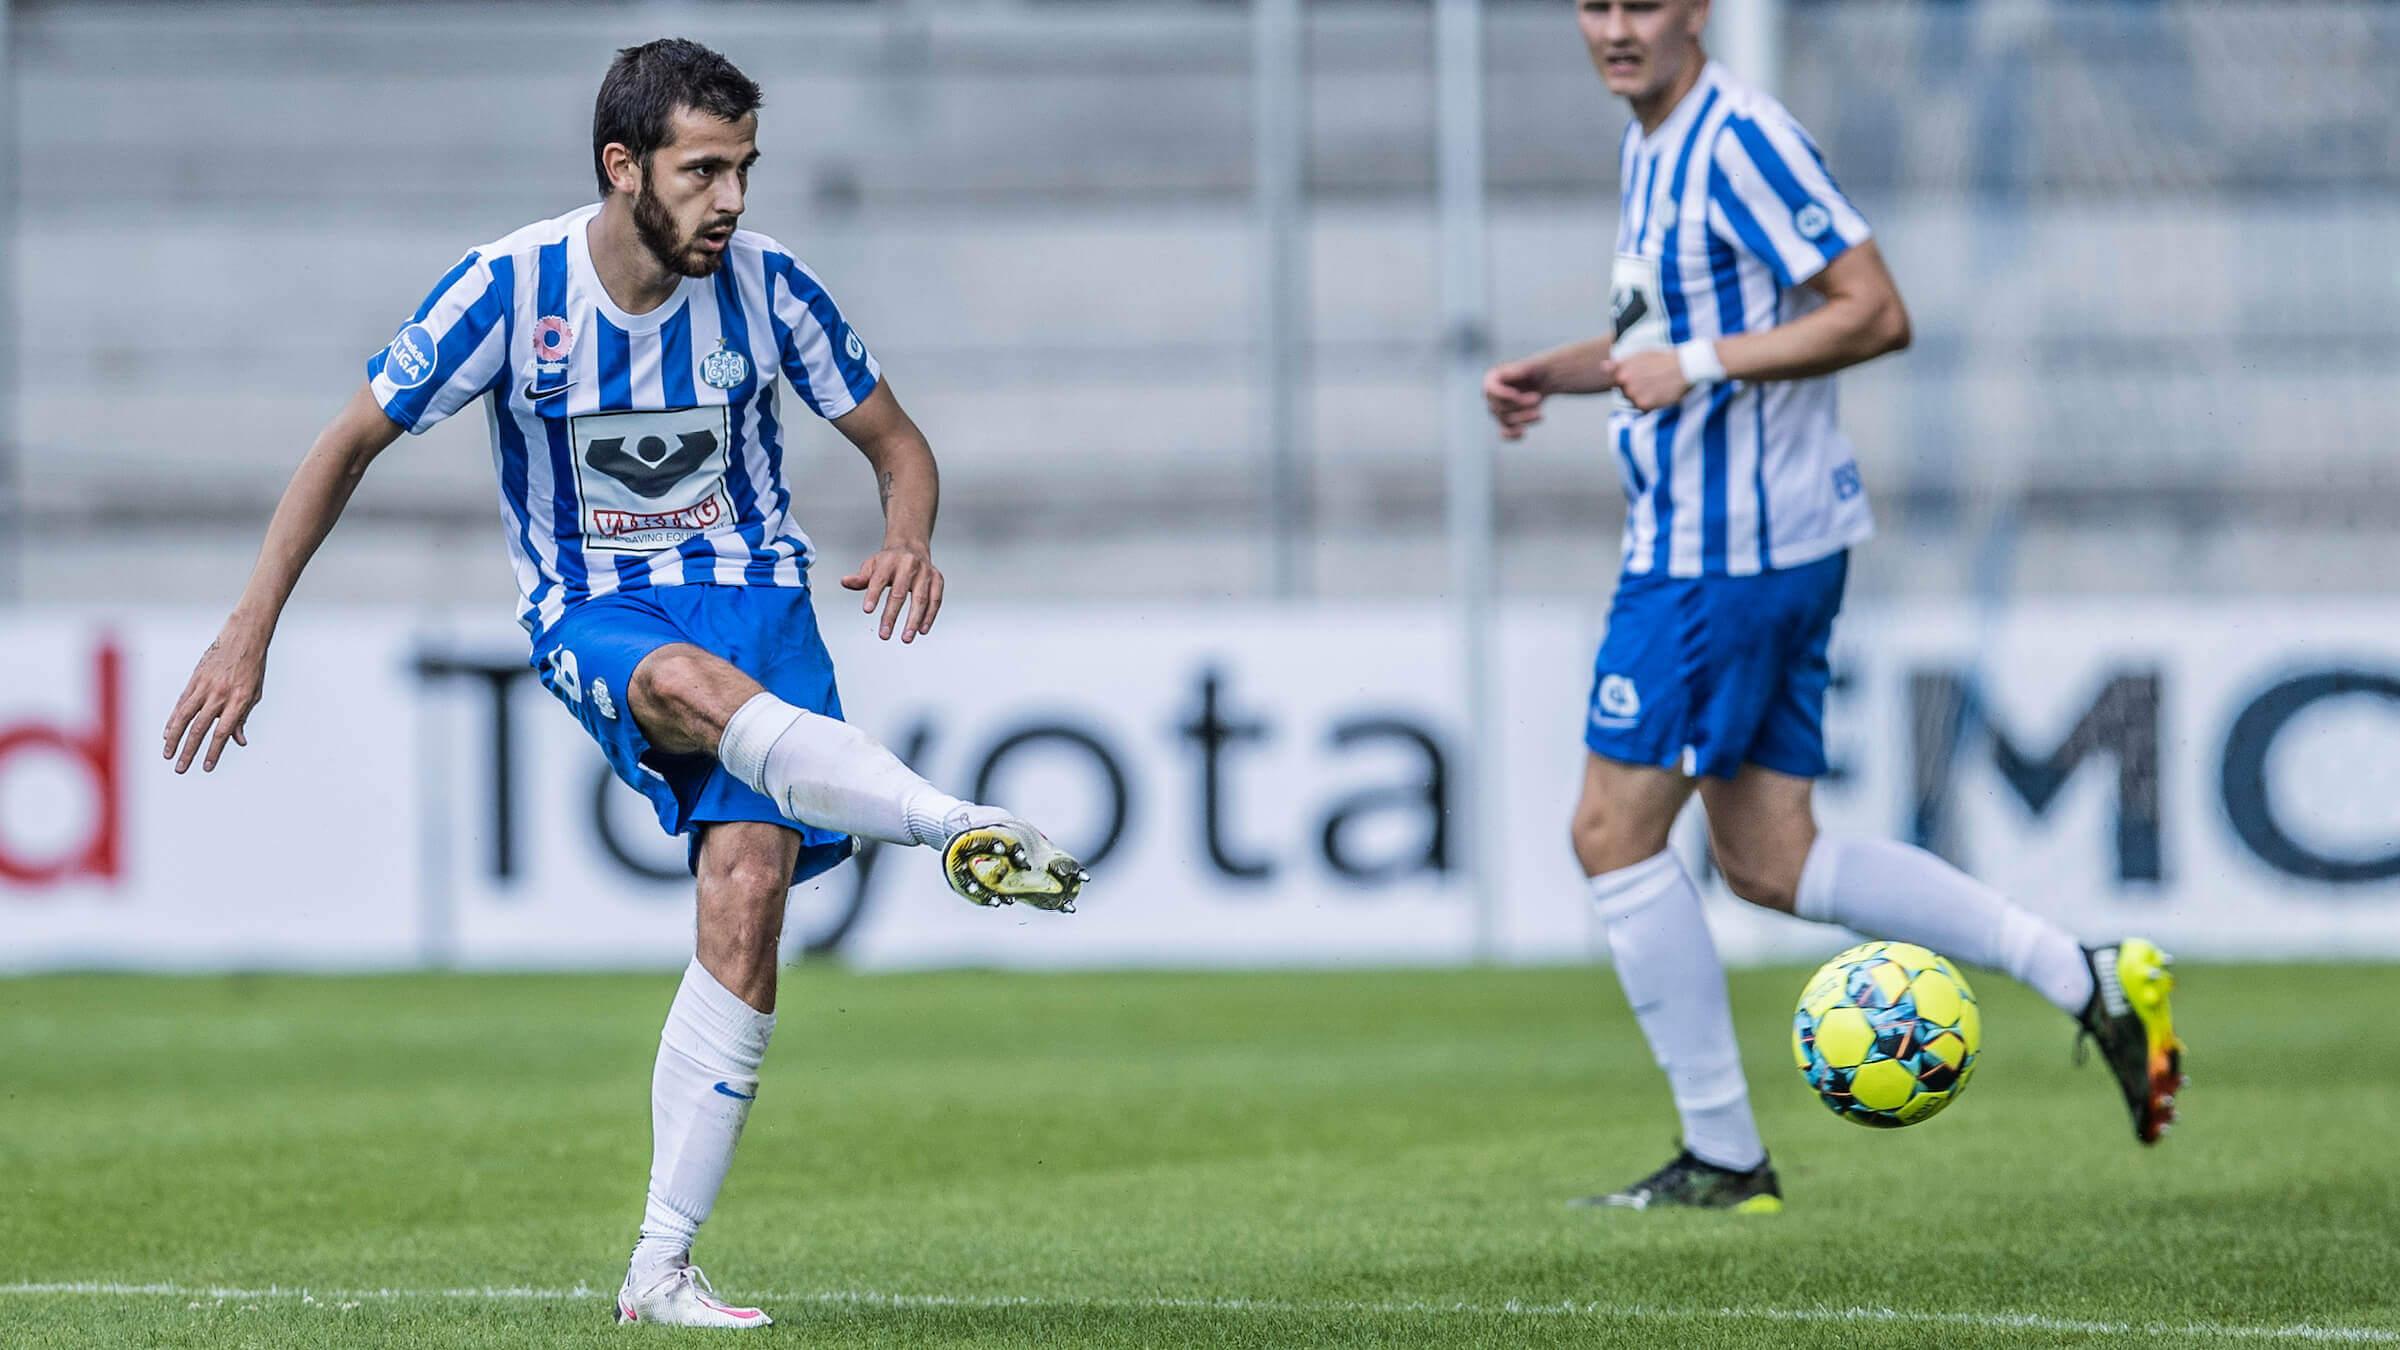 Esbjerg fB tabte 1-3 til Helsingør